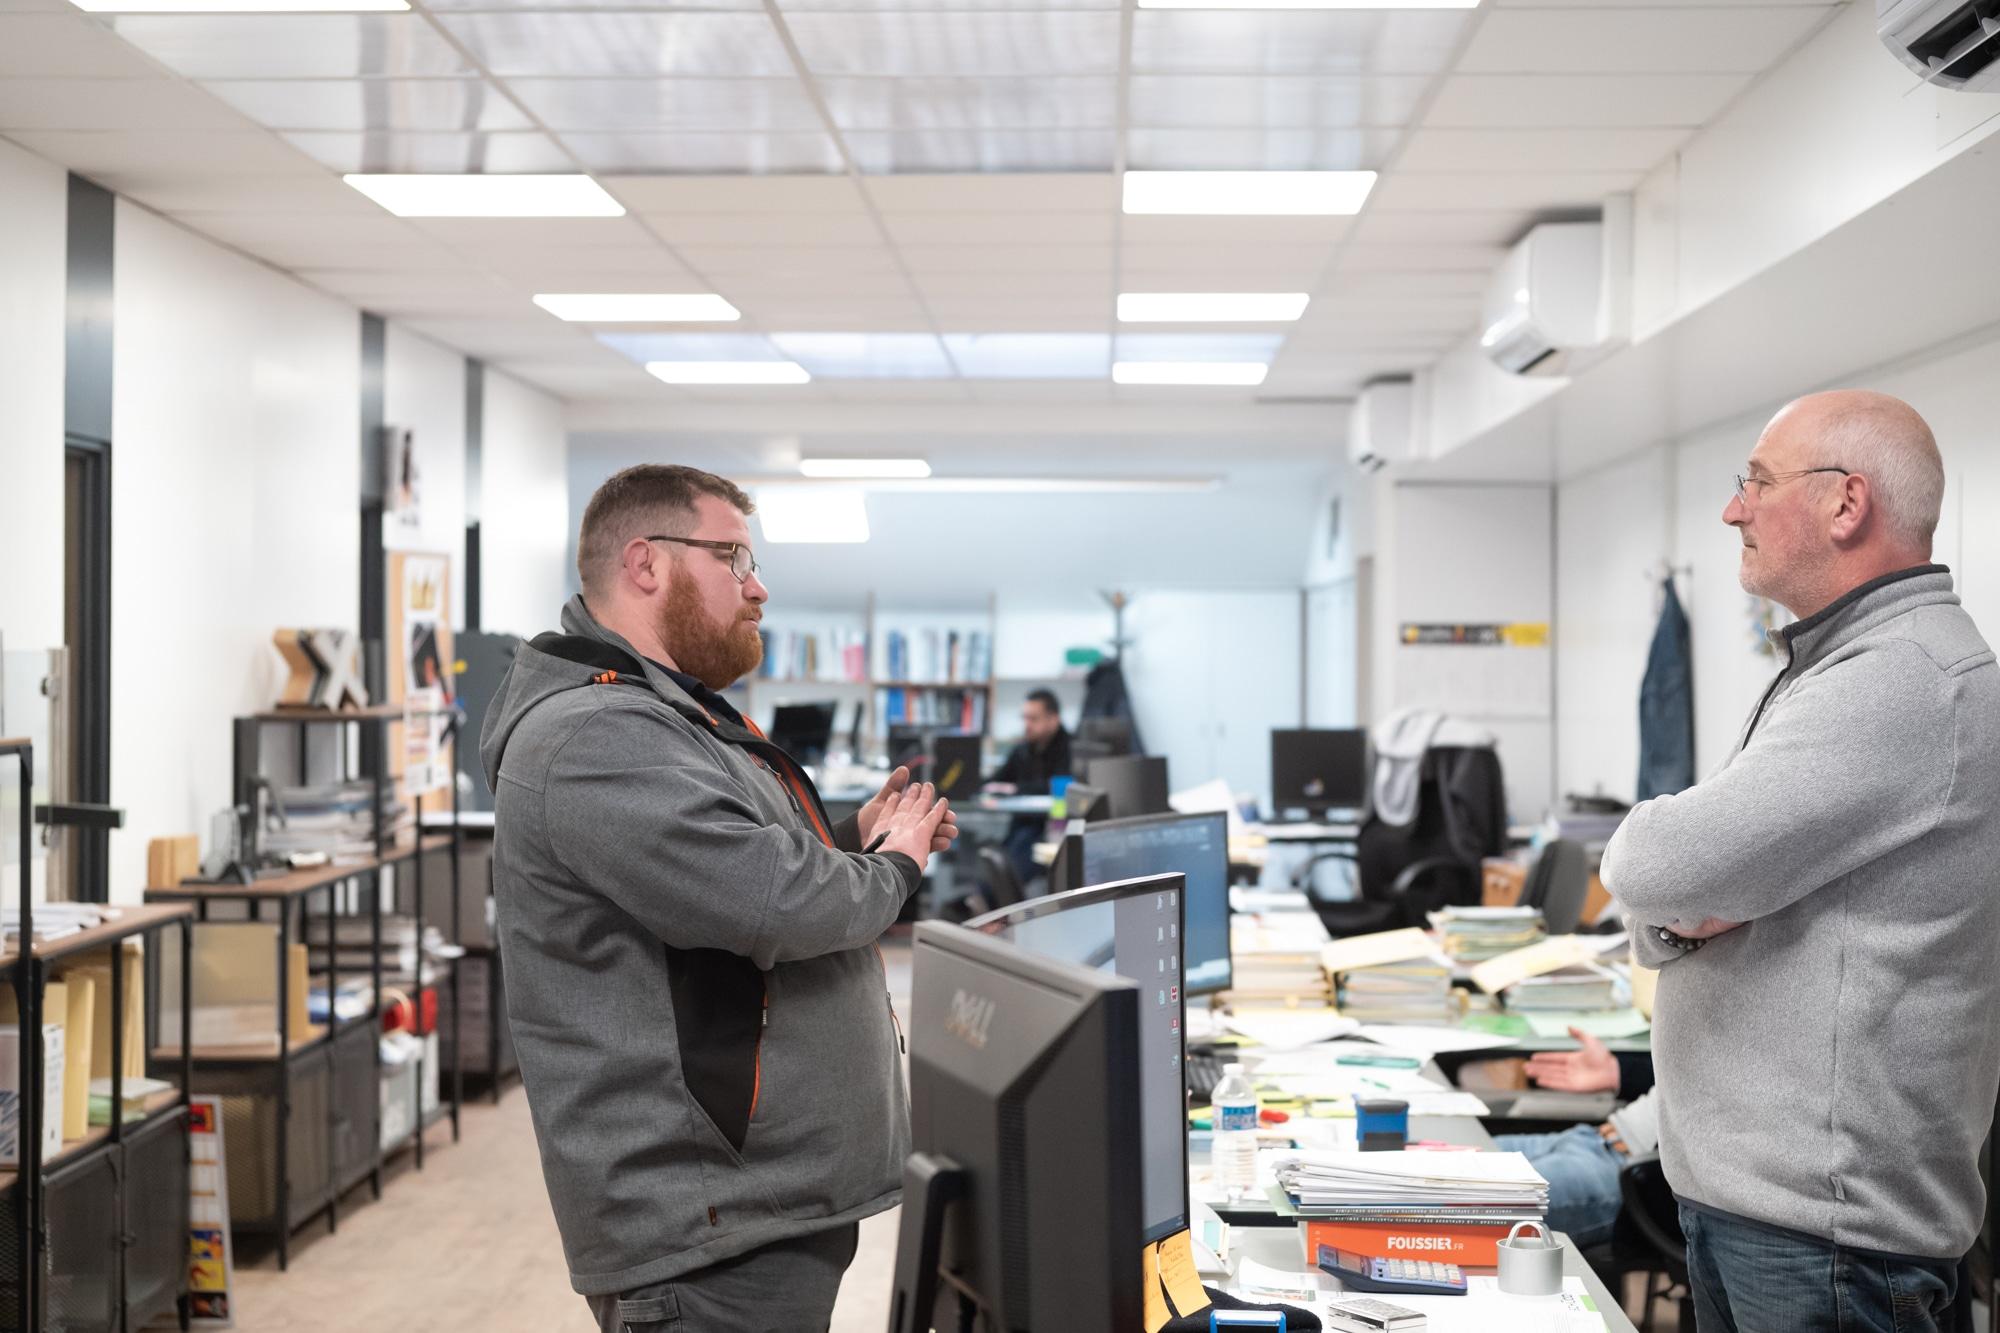 Arnaud, se tenant debout d'un côté d'un bureau, discute avec une personne également levée, derrière son bureau